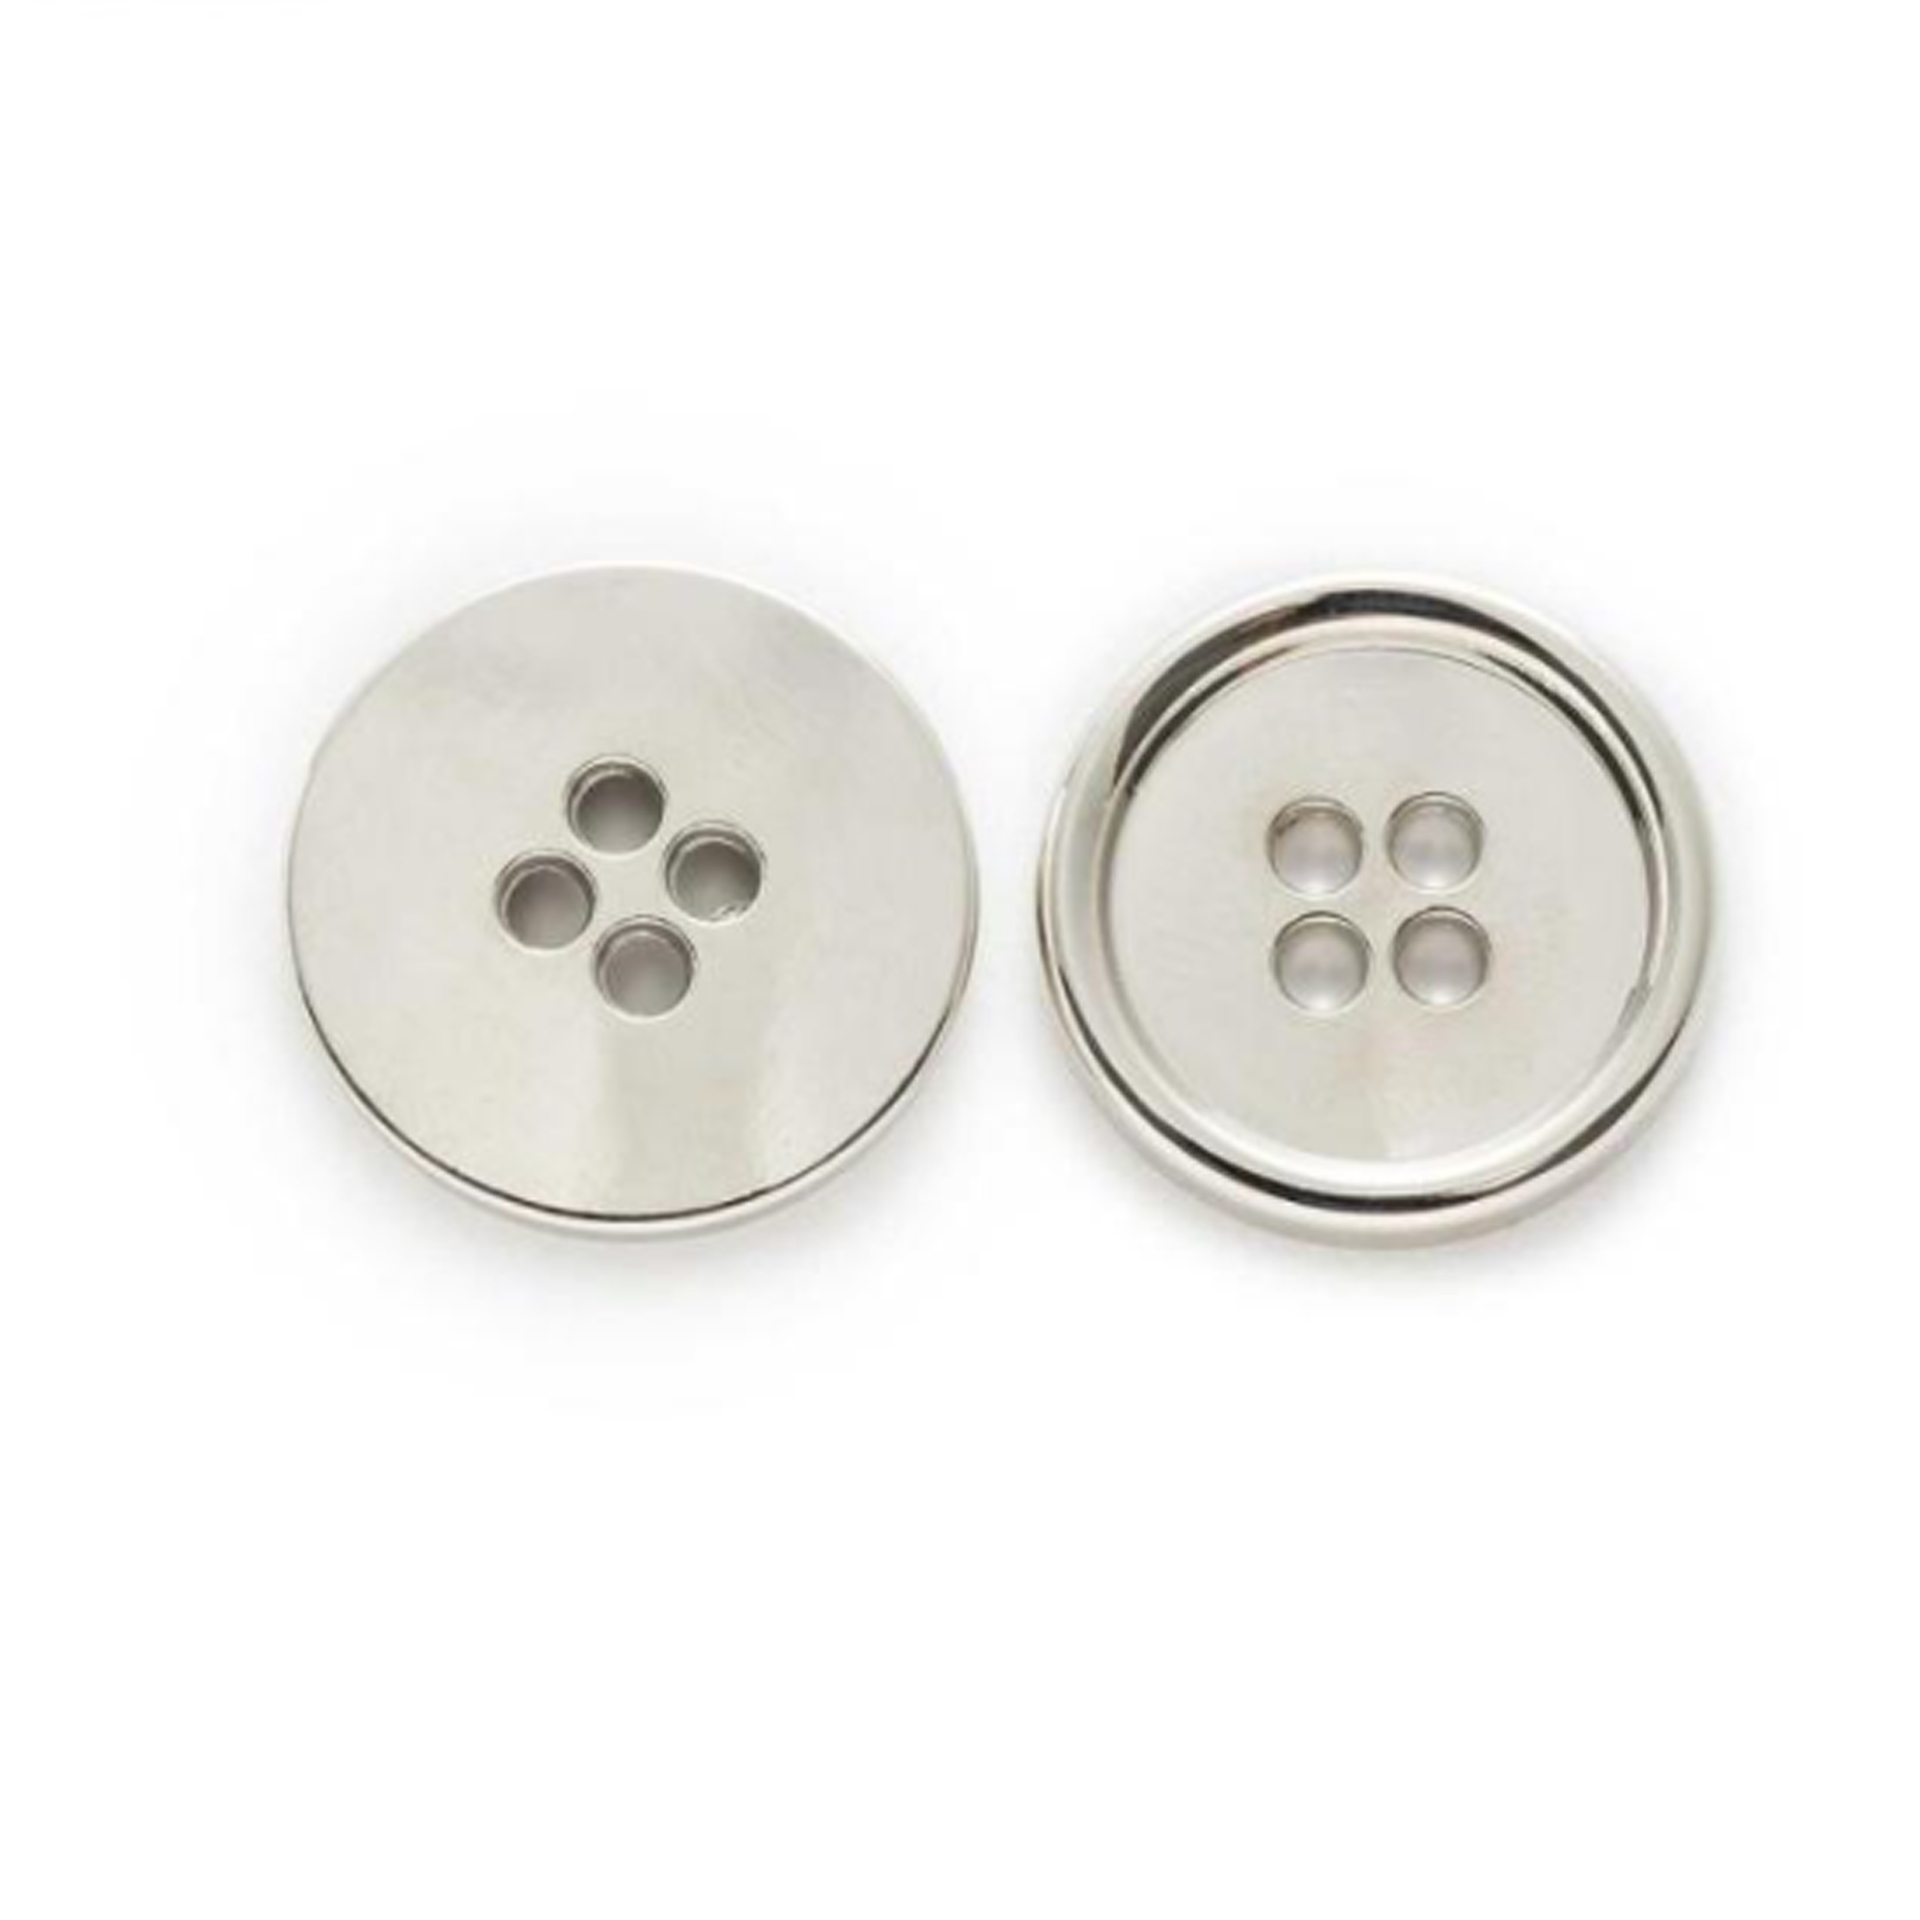 Botones METÁLICOS - Circulares